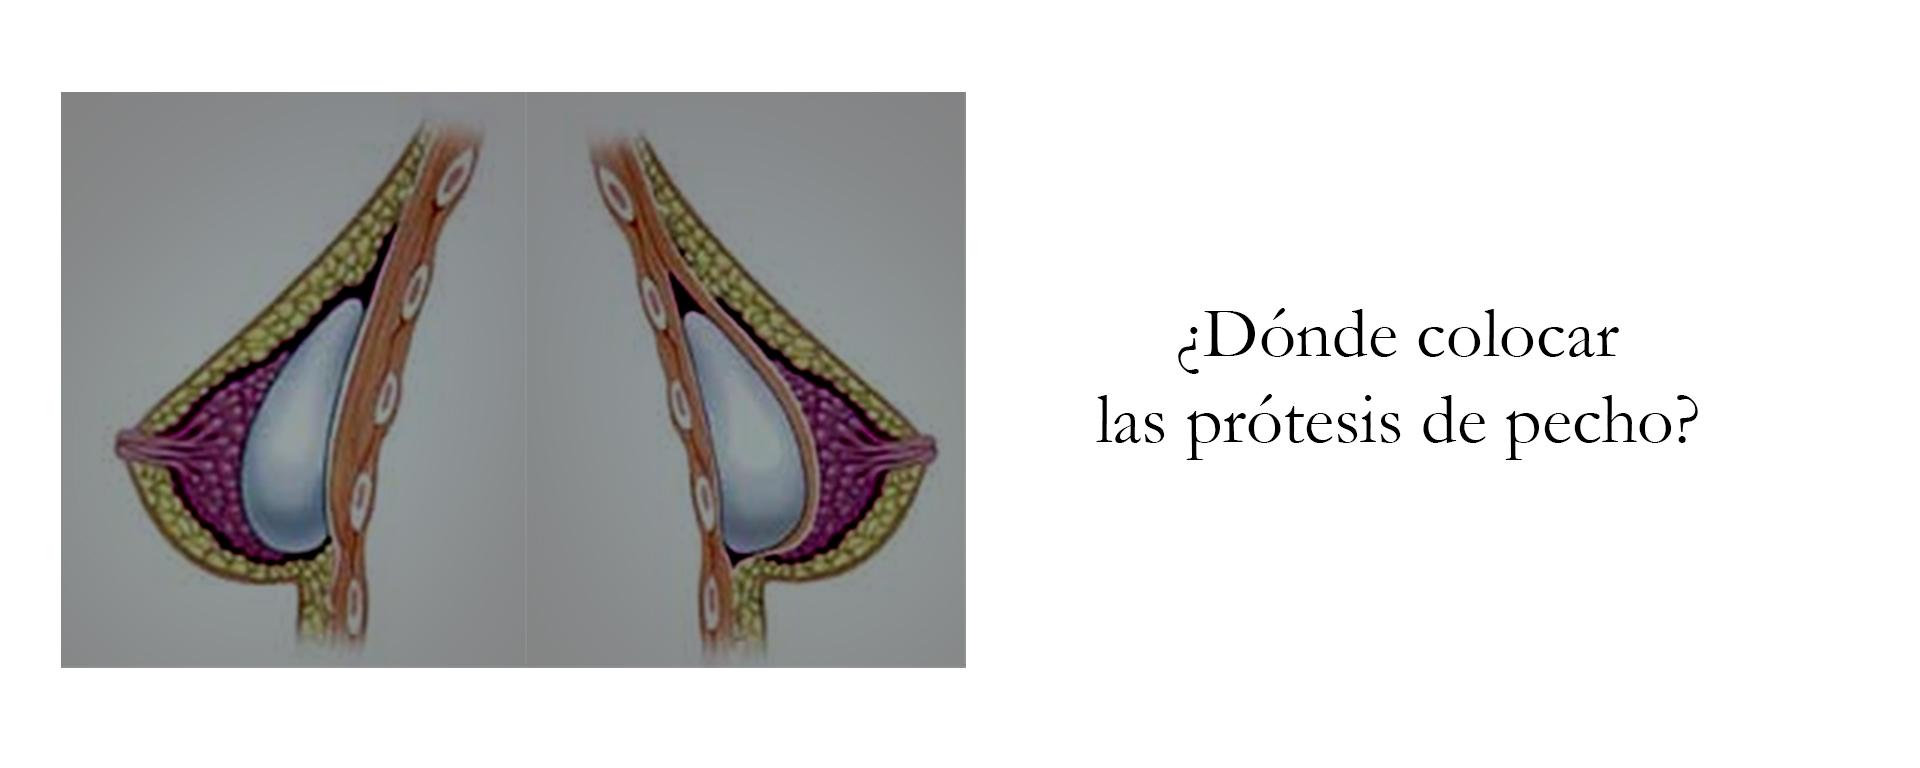 Colocación de las prótesis de pecho